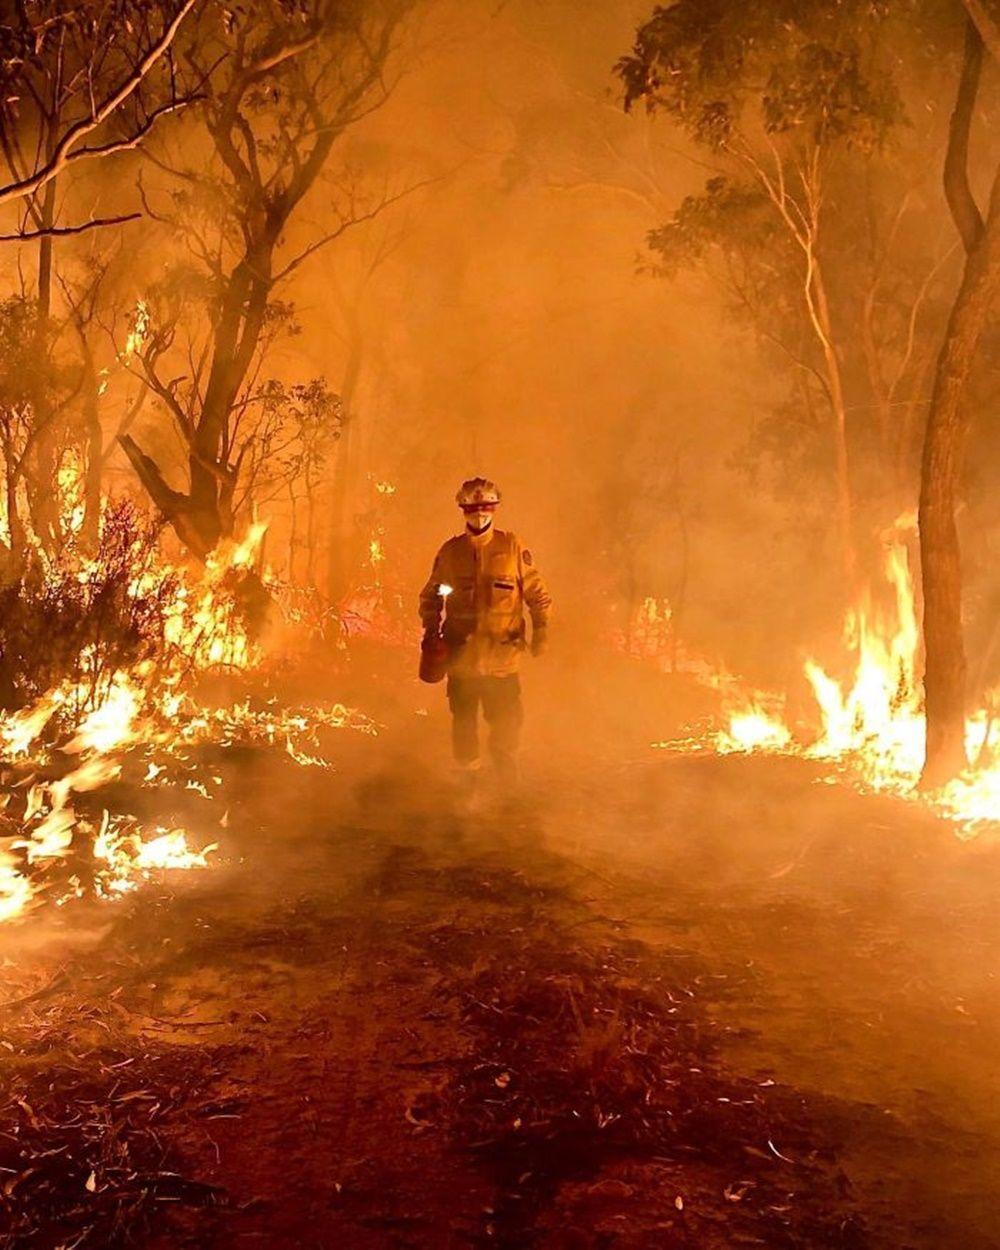 Memprihatinkan, Inilah Kondisi Australia yang Tengah Dilanda Kebakaran